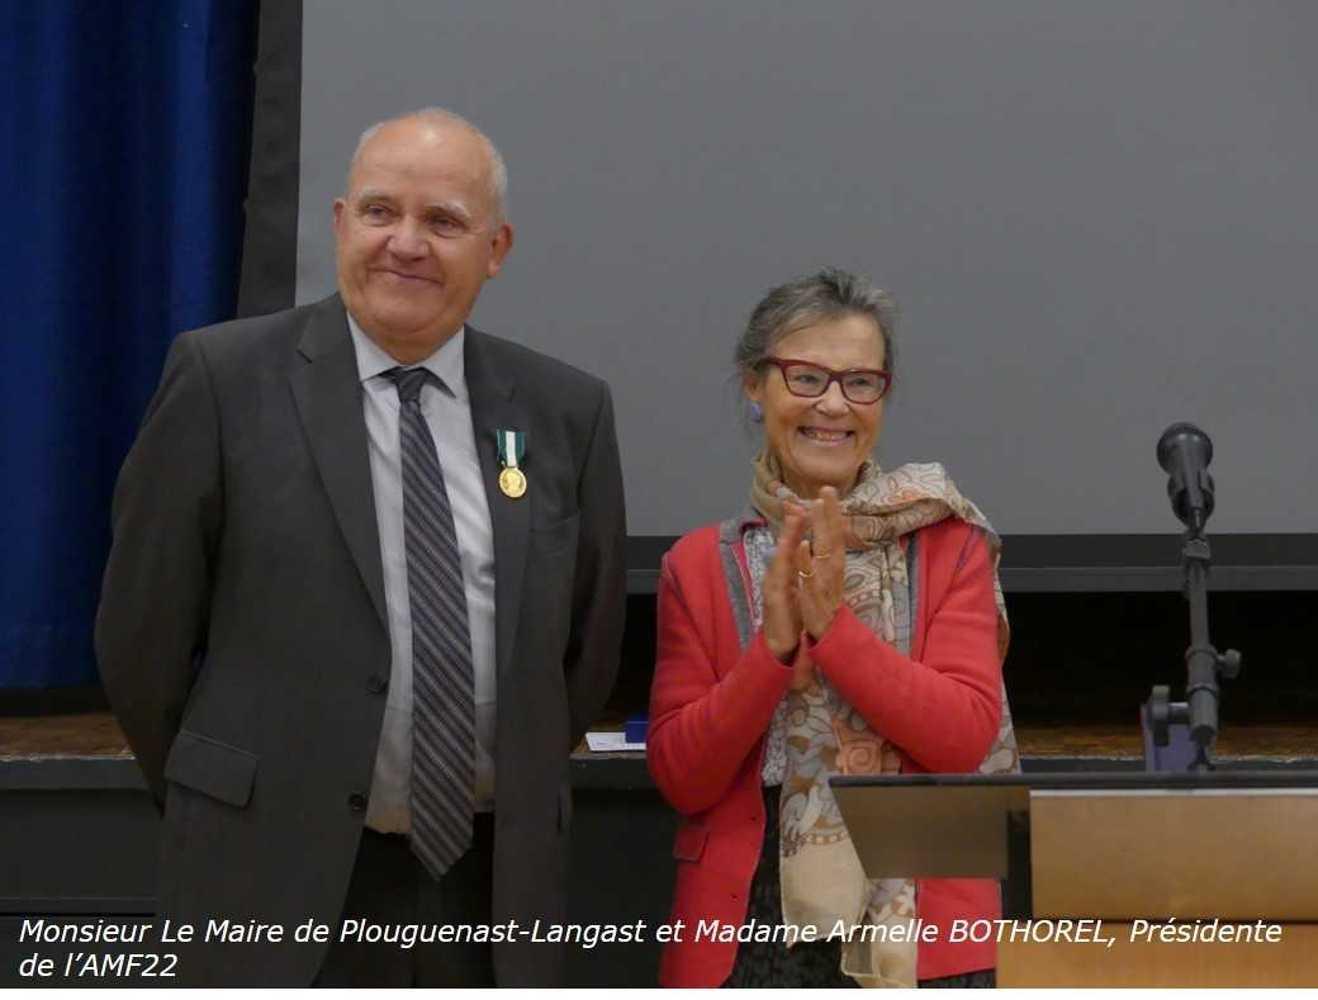 Photos de la remise de la médaille d''Honneur, régionale, départementale et communale à Monsieur Le Maire de Plouguenast-Langast photosite3